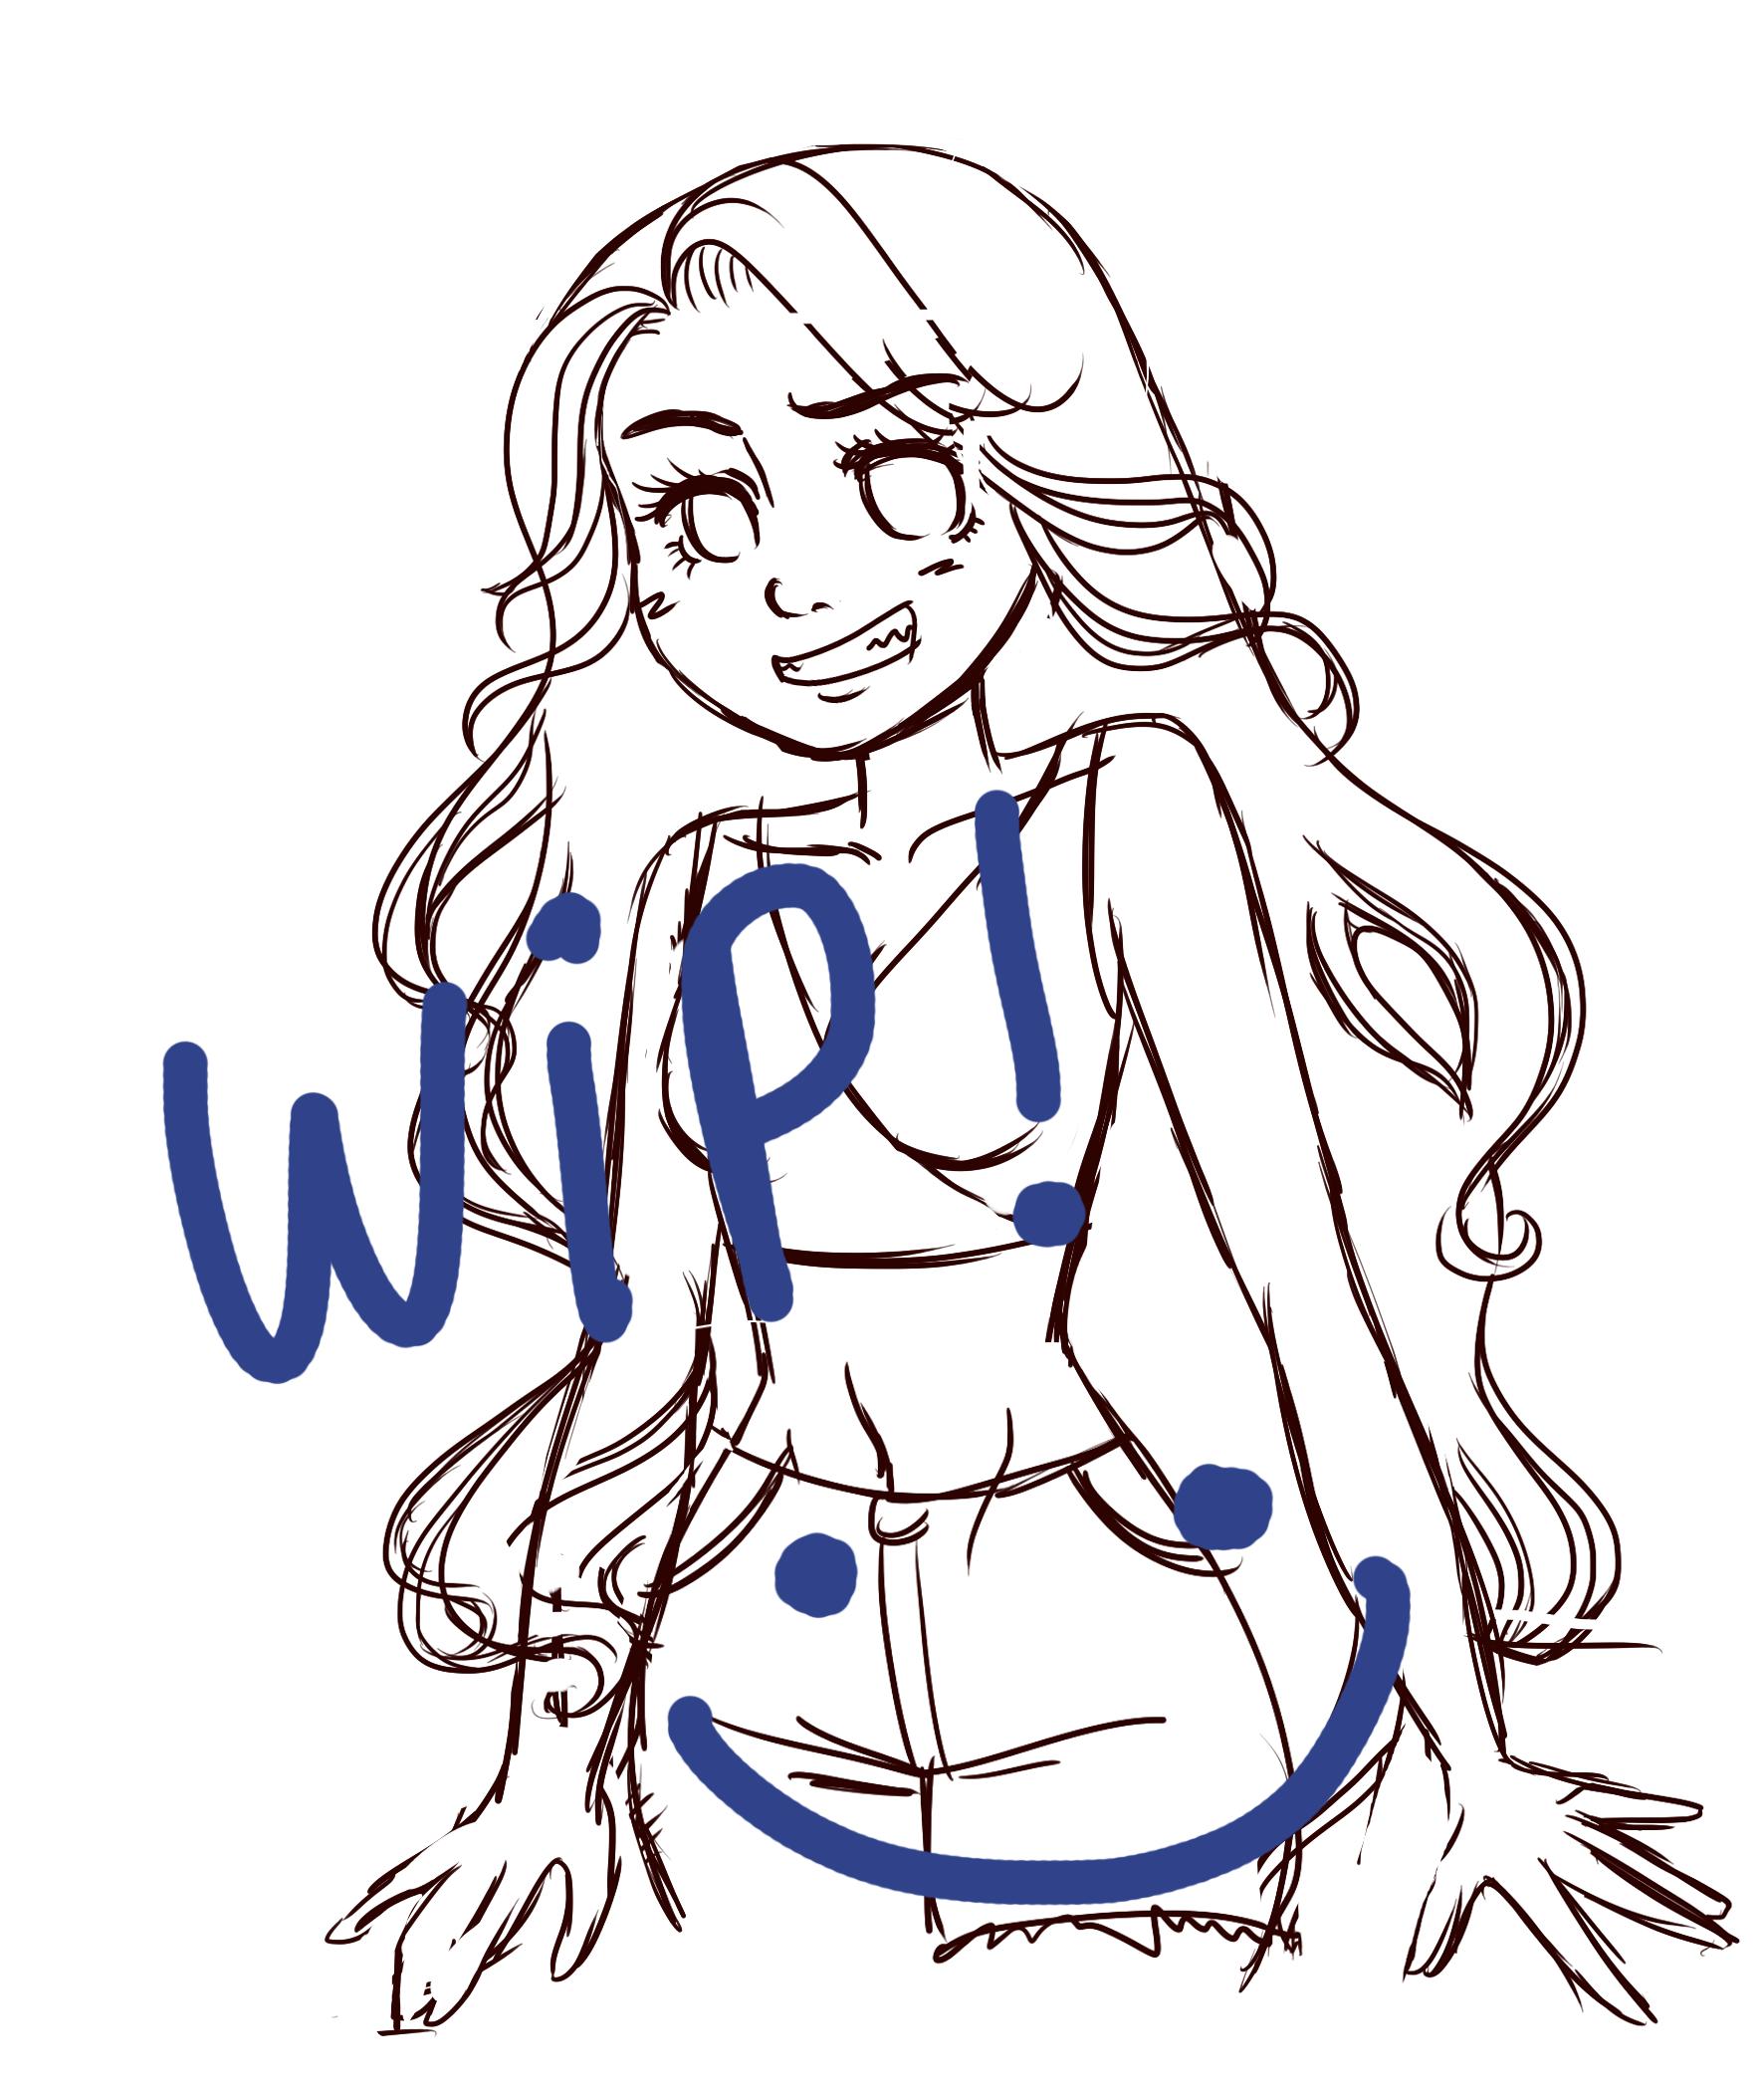 WildWildGirl-WIP